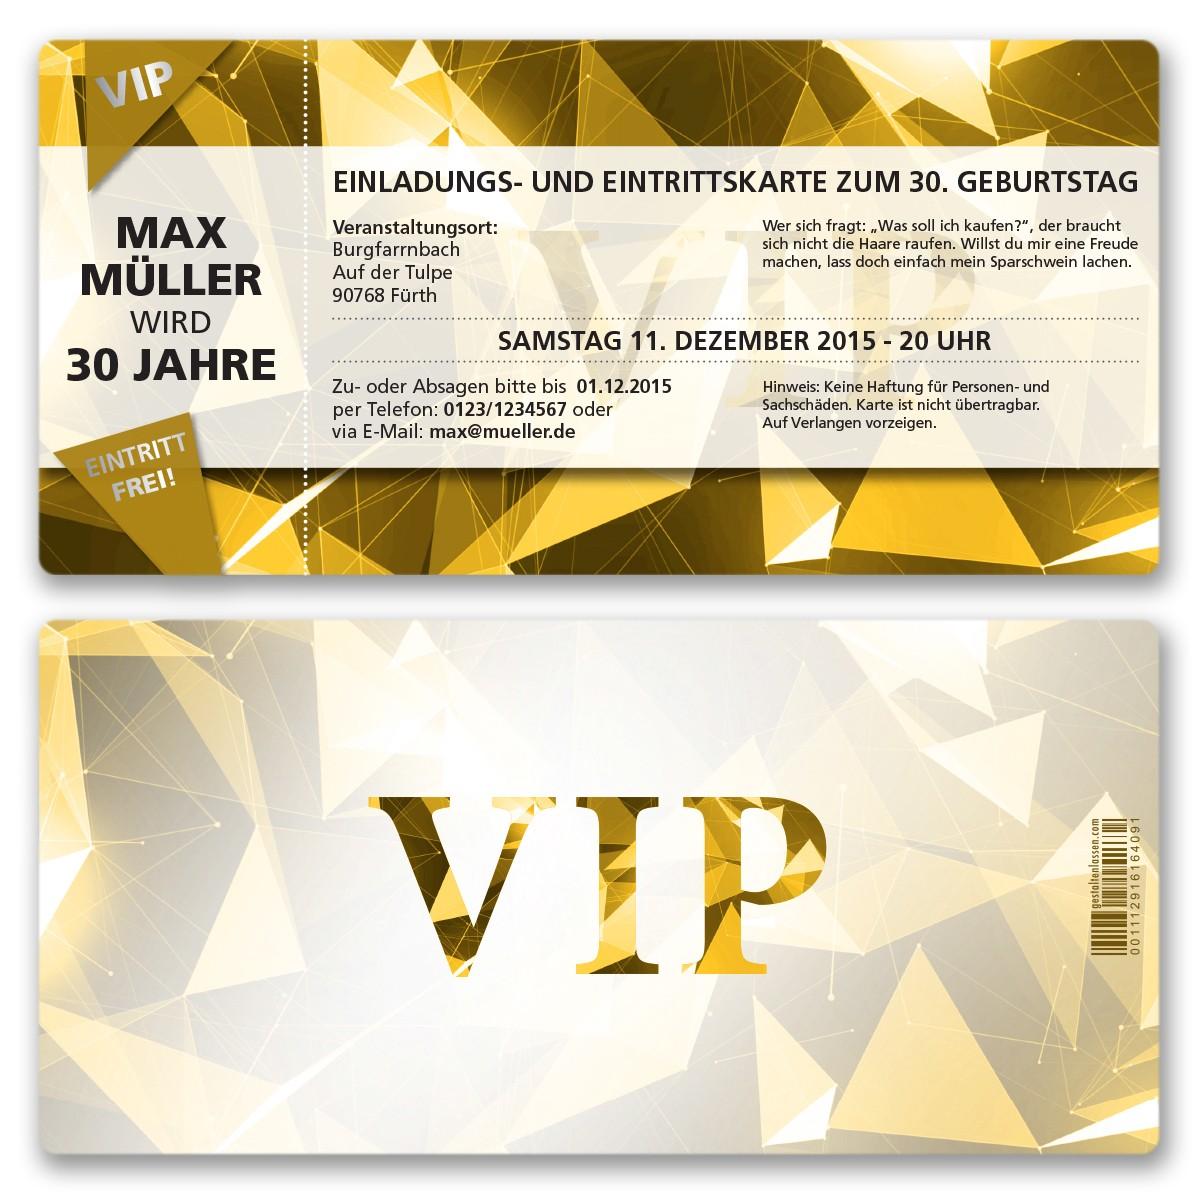 einladungskarten als vip eintrittskarte gold ab 55 cent, Einladung